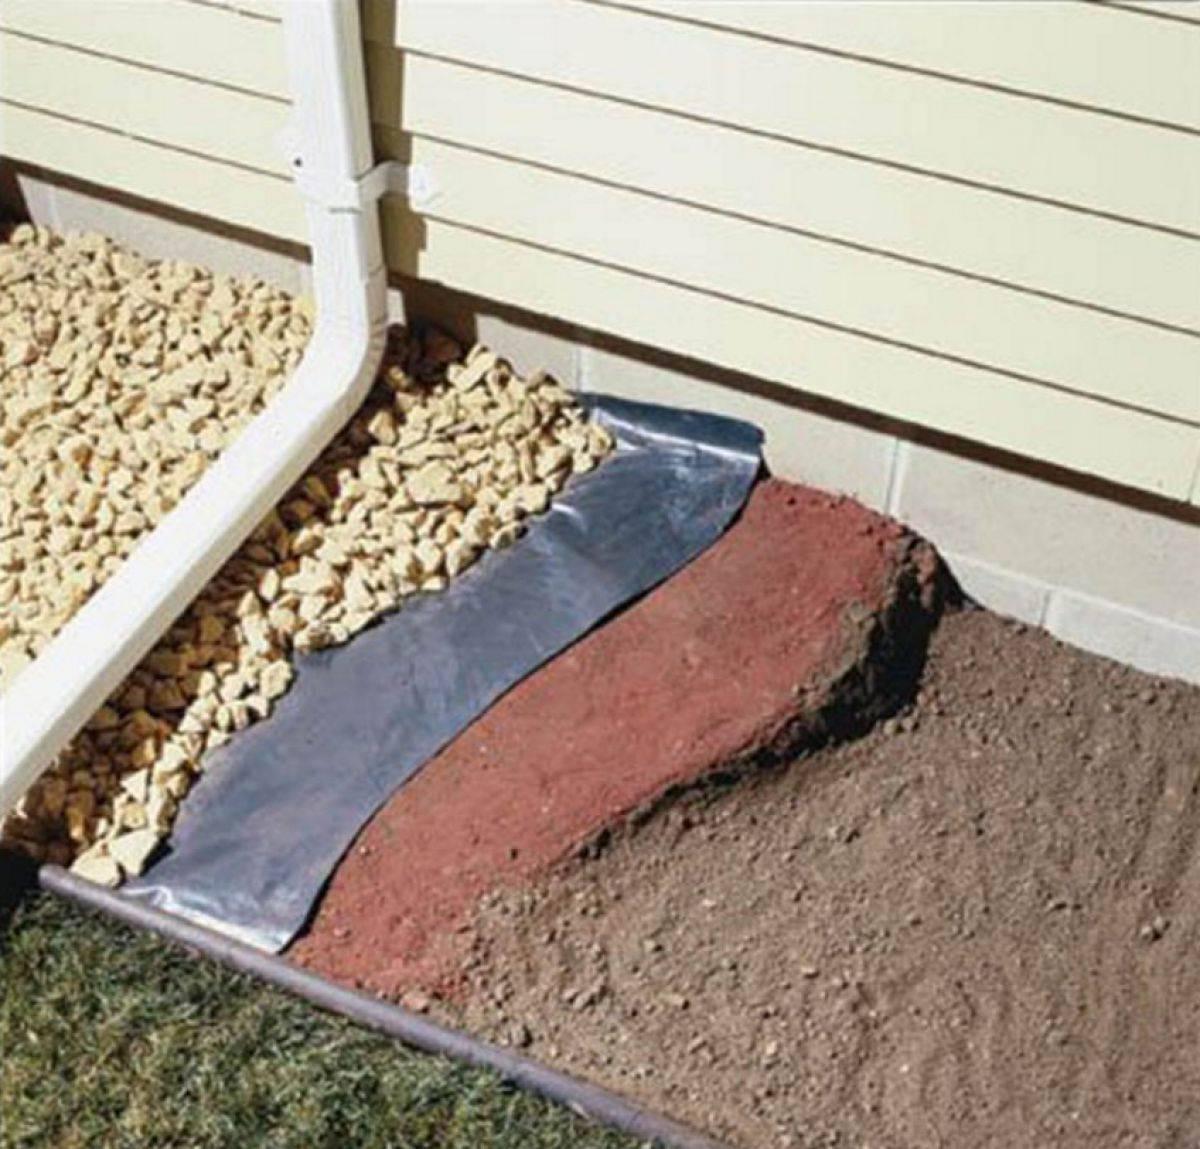 Гидроизоляция отмостки: рулонный вариант с утеплением и пленка для мягкой отделки, какими материалами произвести вокруг дома, чем лучше выполнить